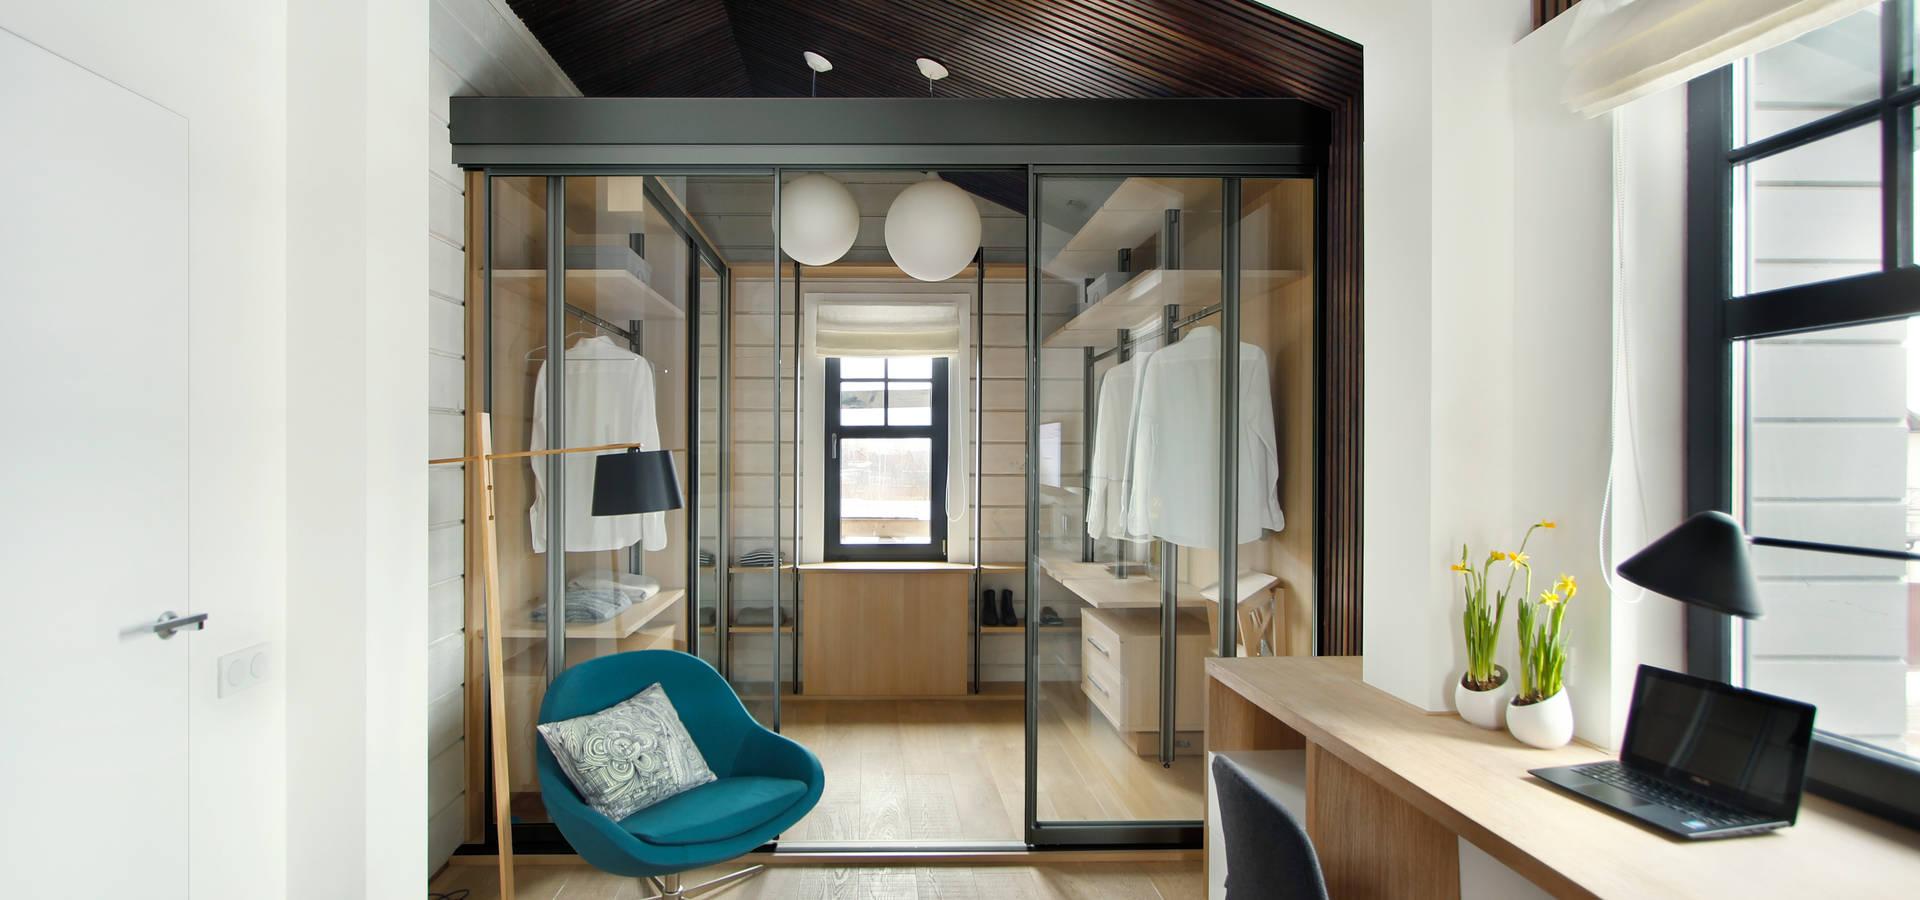 ZE|Workroom studio